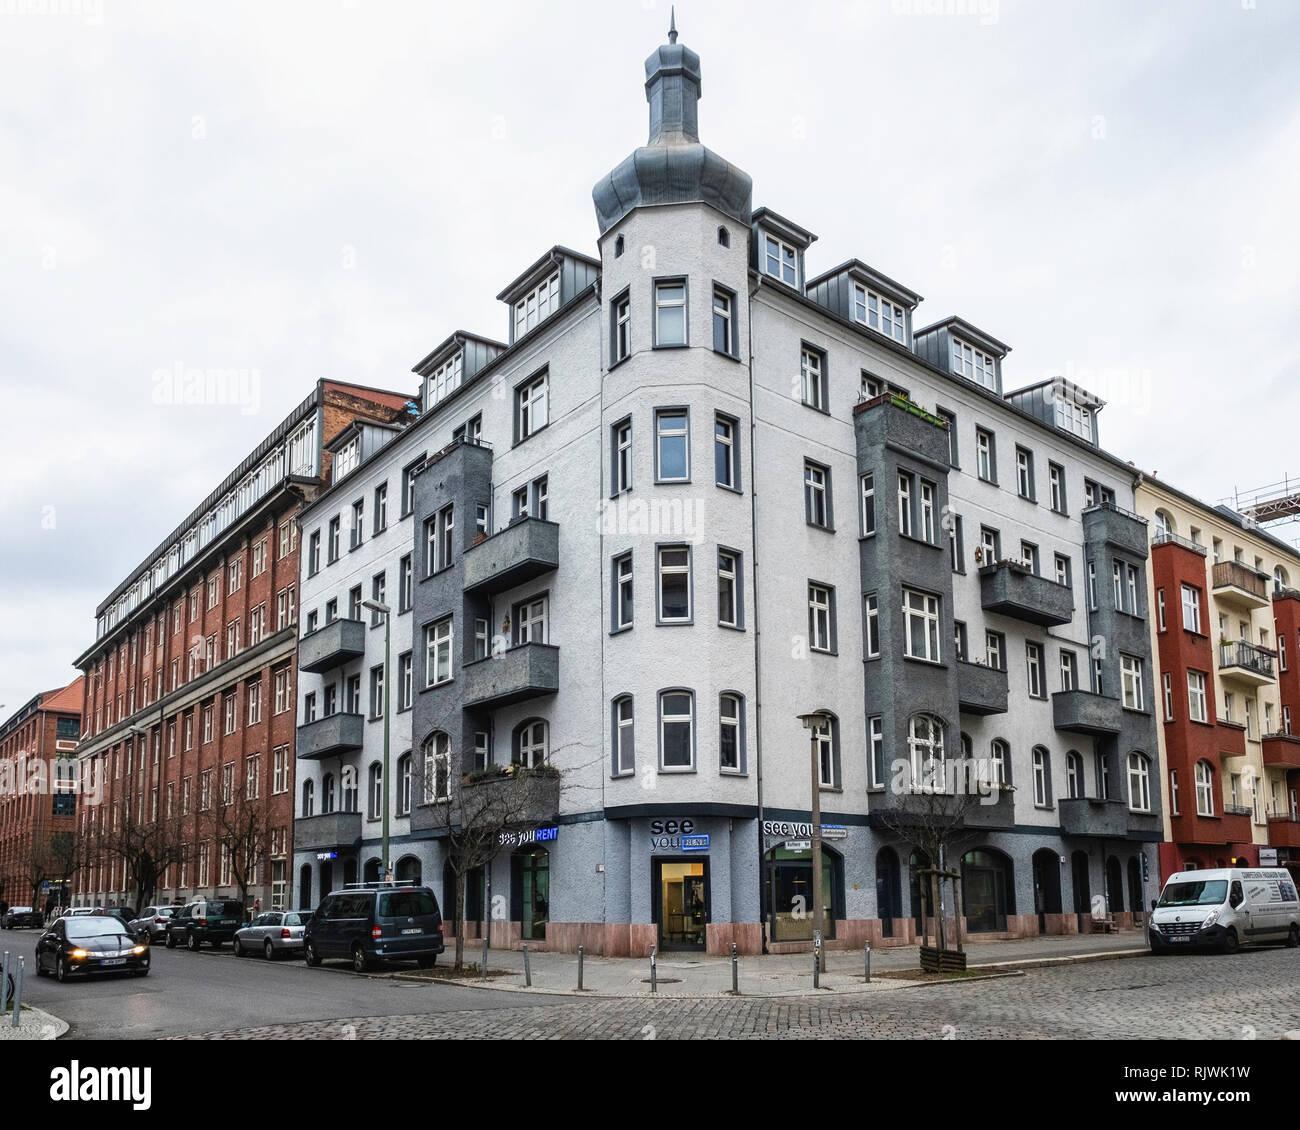 Berlino,Friedrichshain,vedere voi Affitto - attrezzatura fotografica agenzia di noleggio al piano terra del vecchio edificio di appartamenti. Immagini Stock